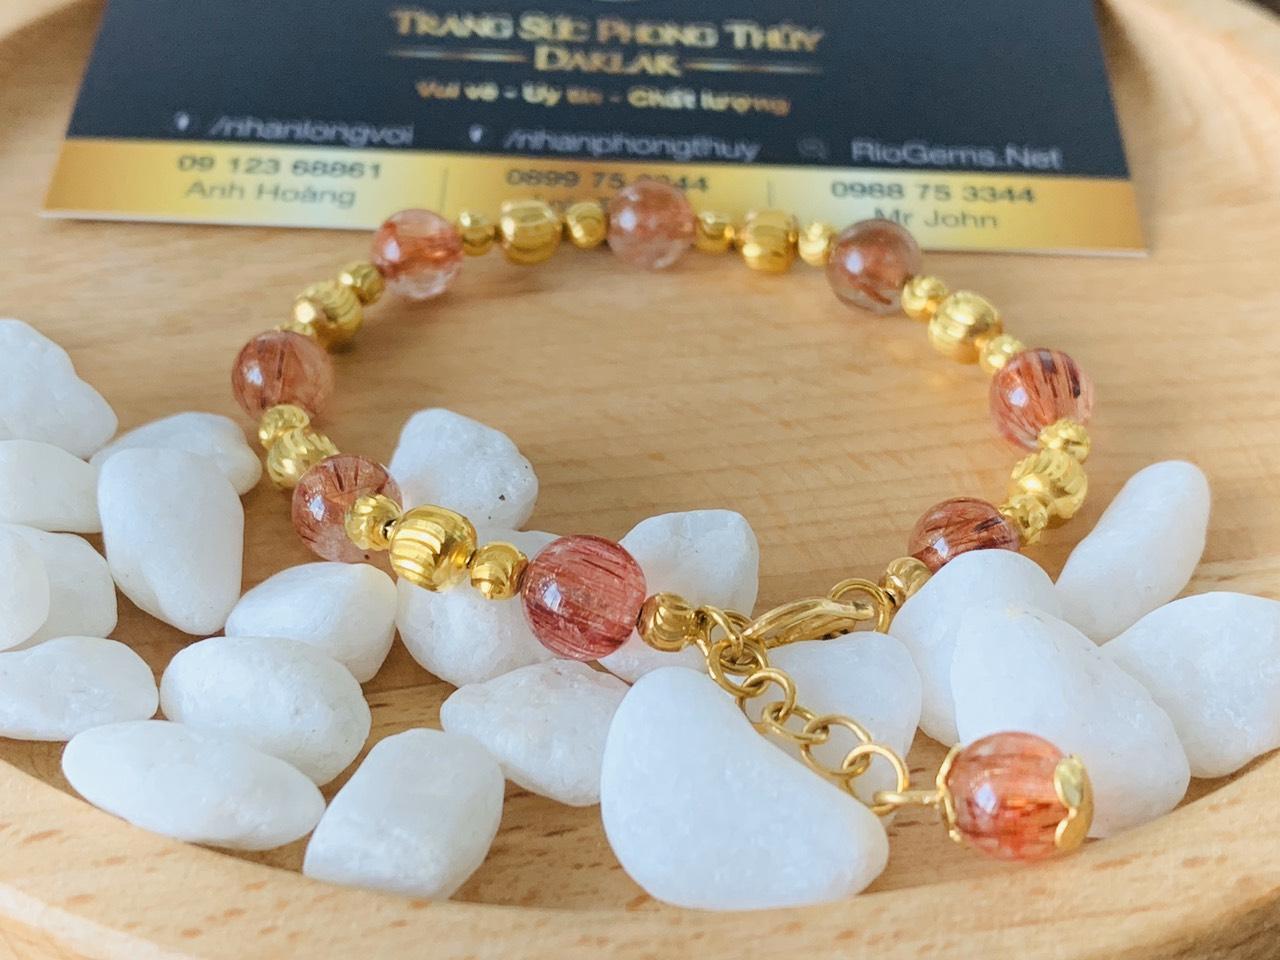 Lắc tay Thạch Anh tóc đỏ 8li mix vàng - Món trang sức phong thủy vừa độc đáo vừa bền bỉ